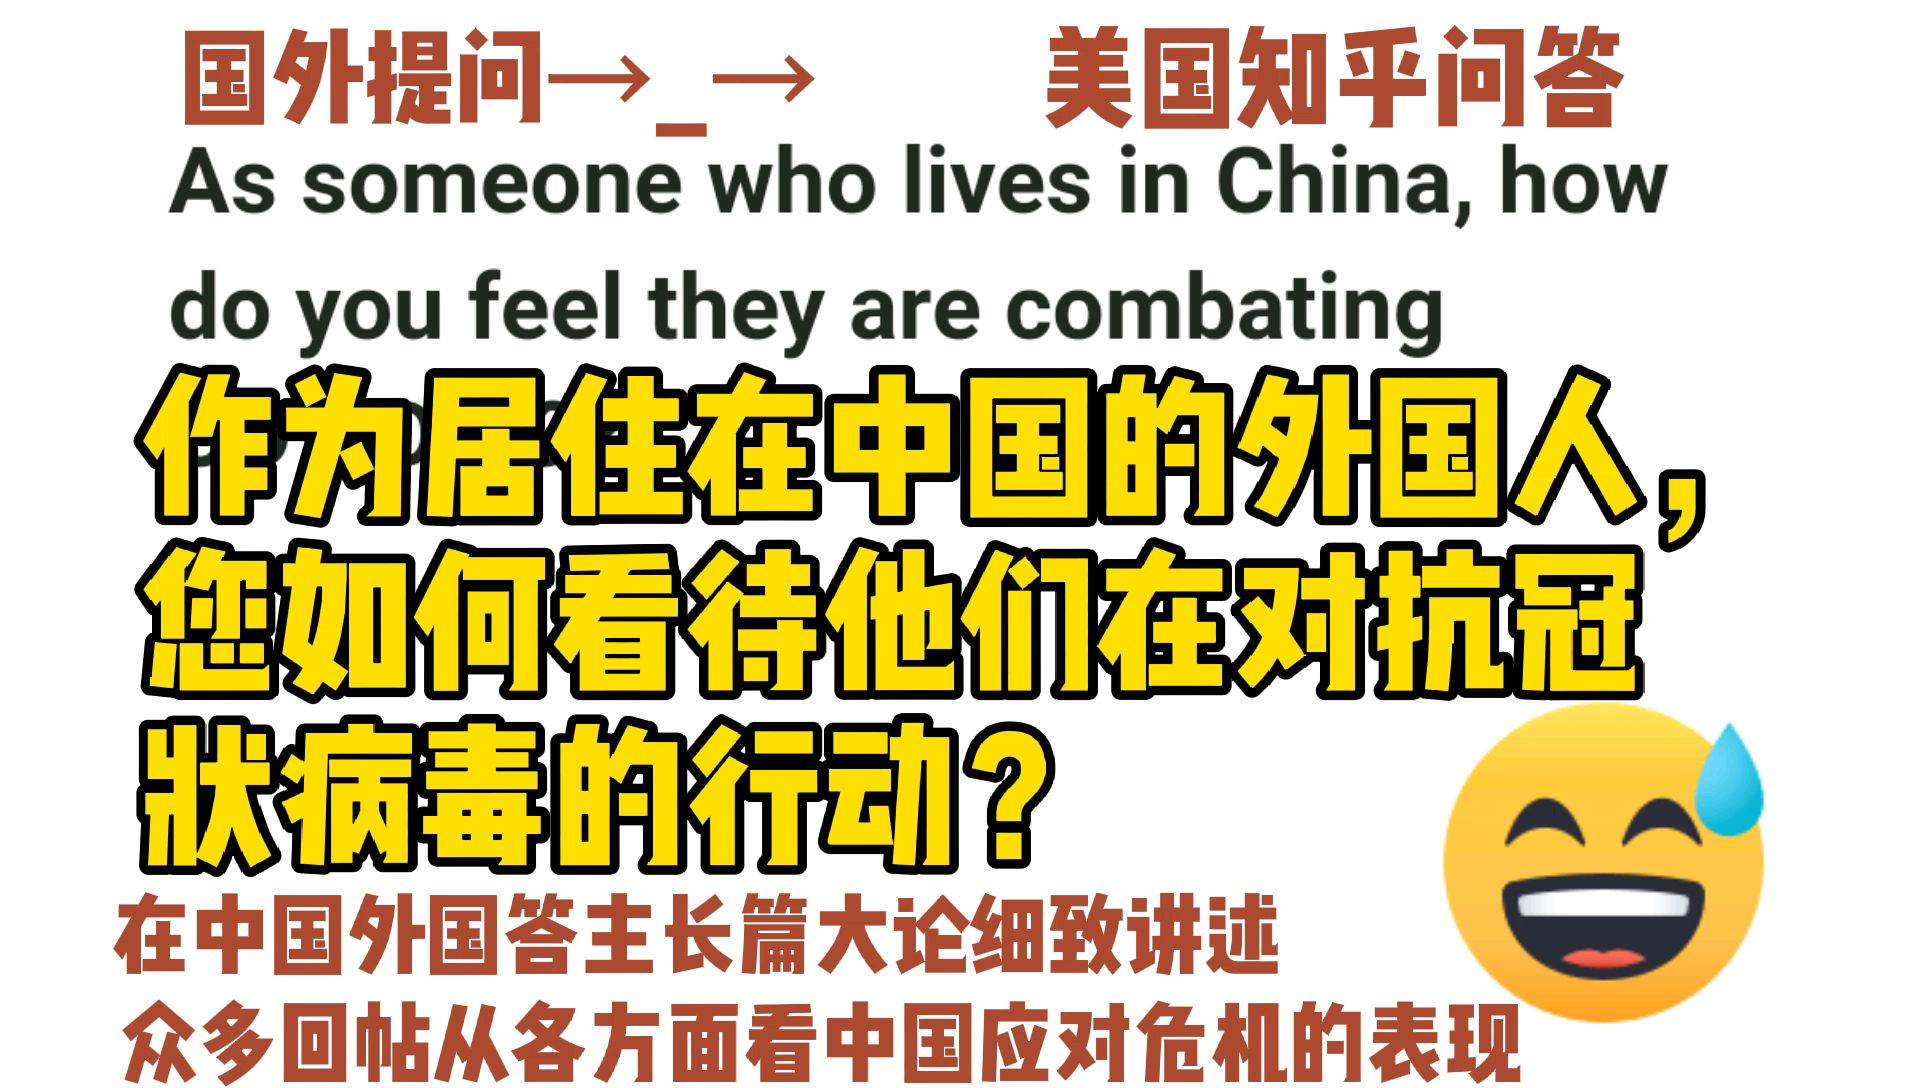 美国知乎,作为居住在中国的外国人,您如何看待他们在对抗冠状病毒中的行动?在中国的外国答主长篇大论讲述